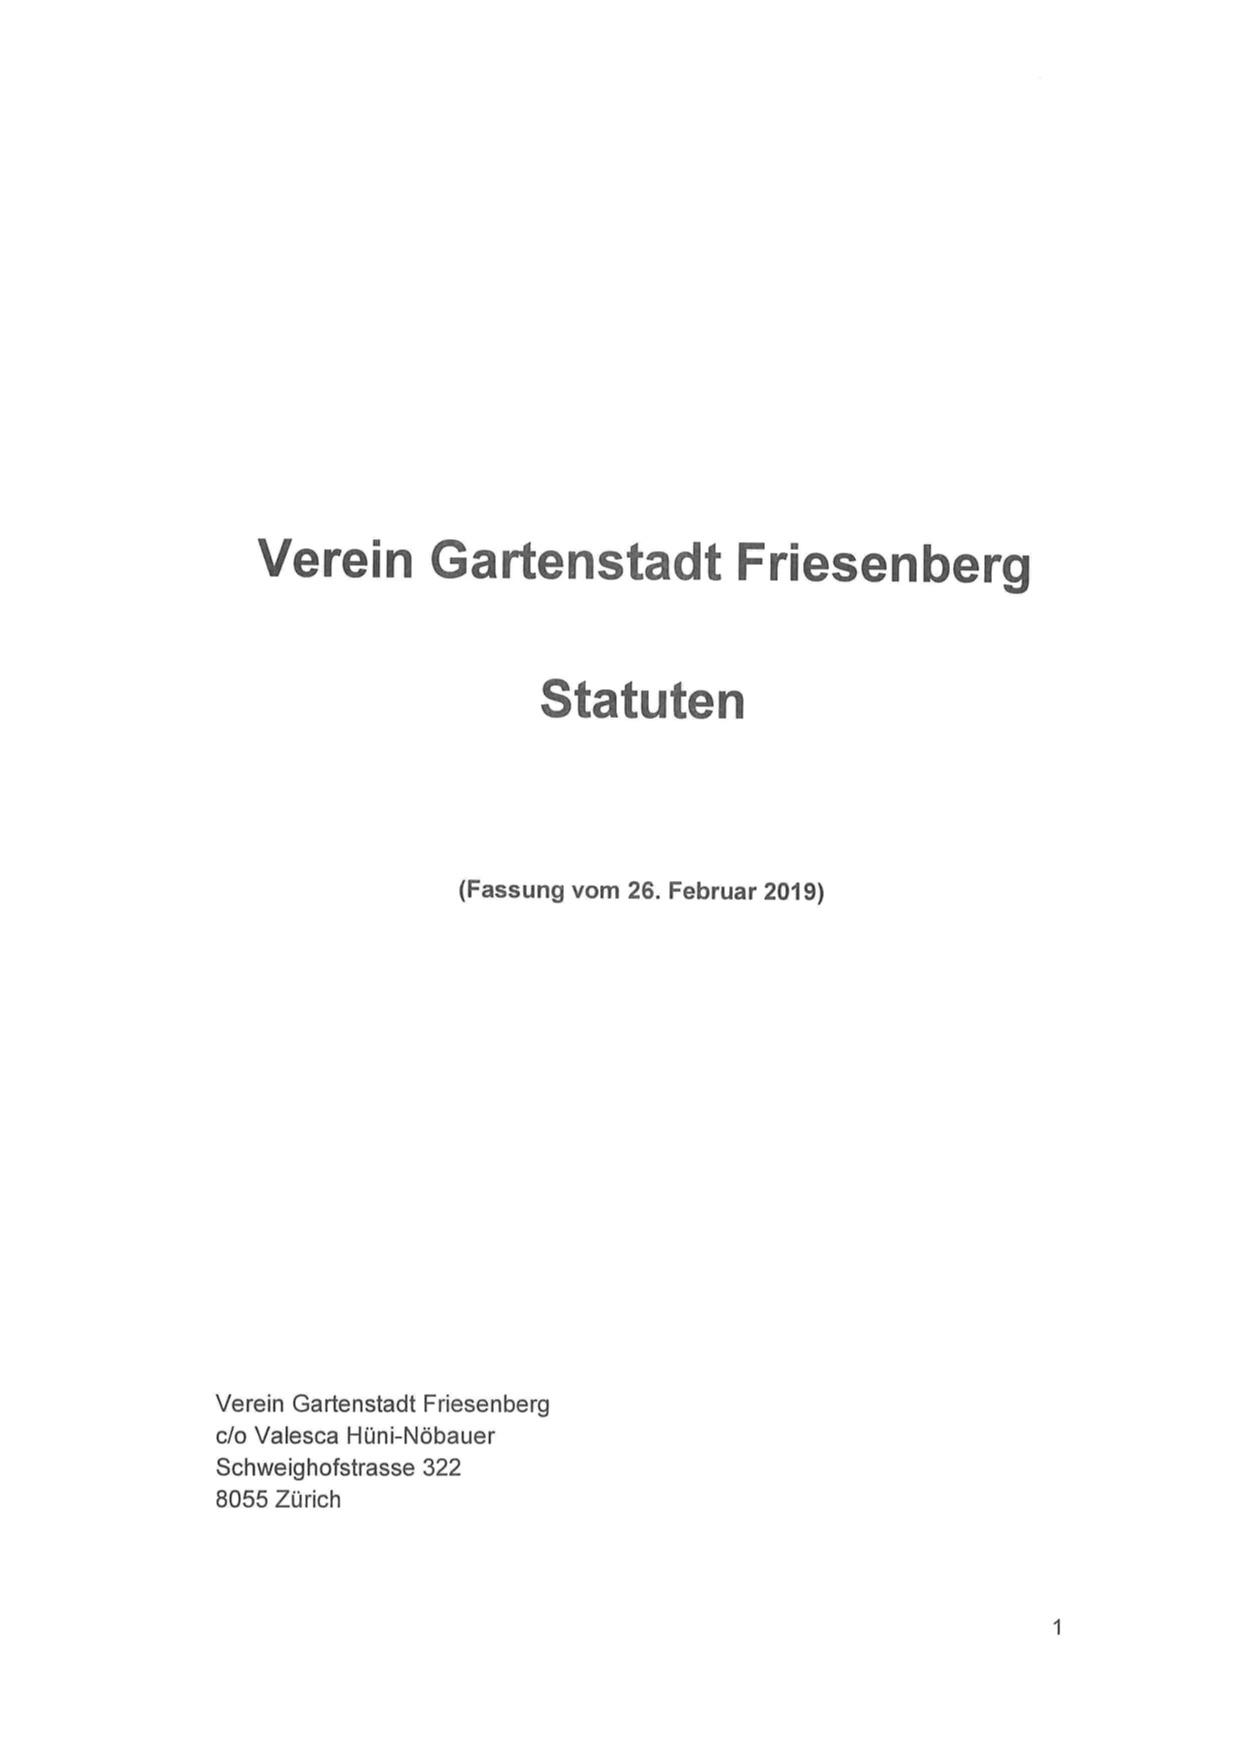 Statuten vom 26.2.19_1.jpg